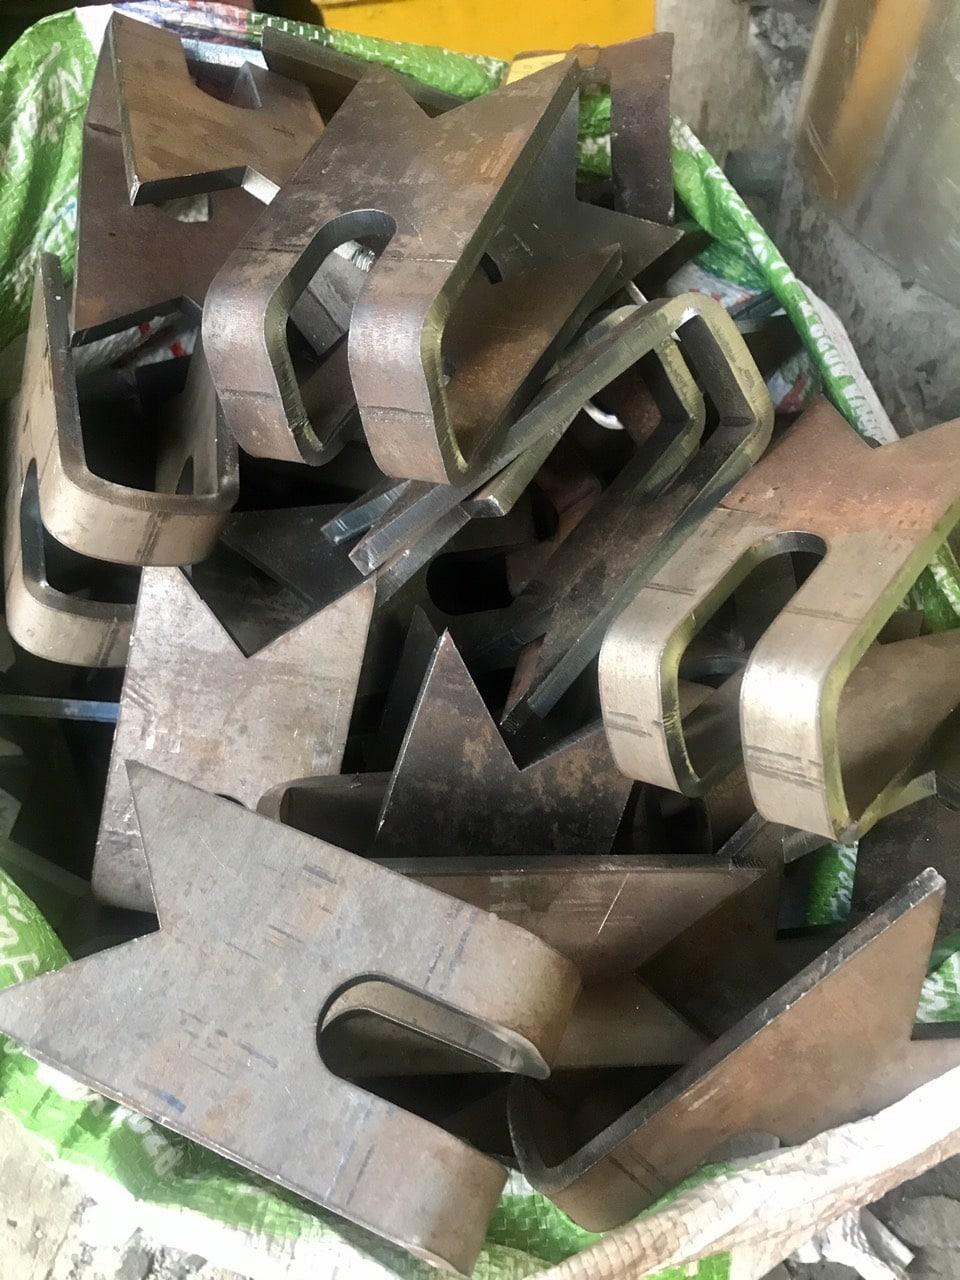 trần hùng gia công sắt 6mm cắt lazer chấn